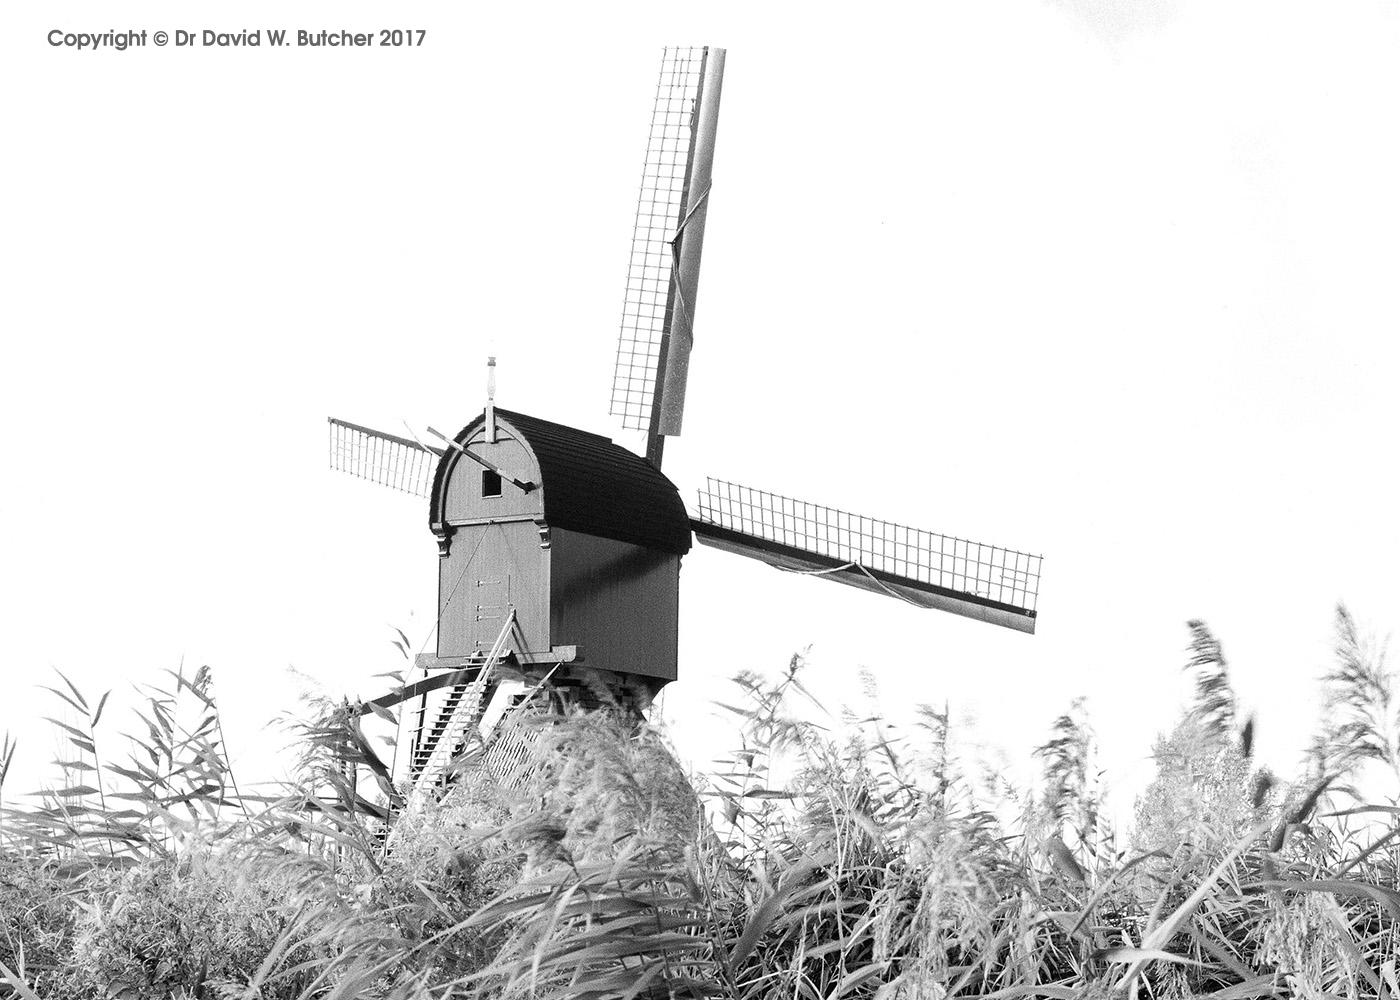 Kinderdijk Post Windmill, Rotterdam, Netherlands